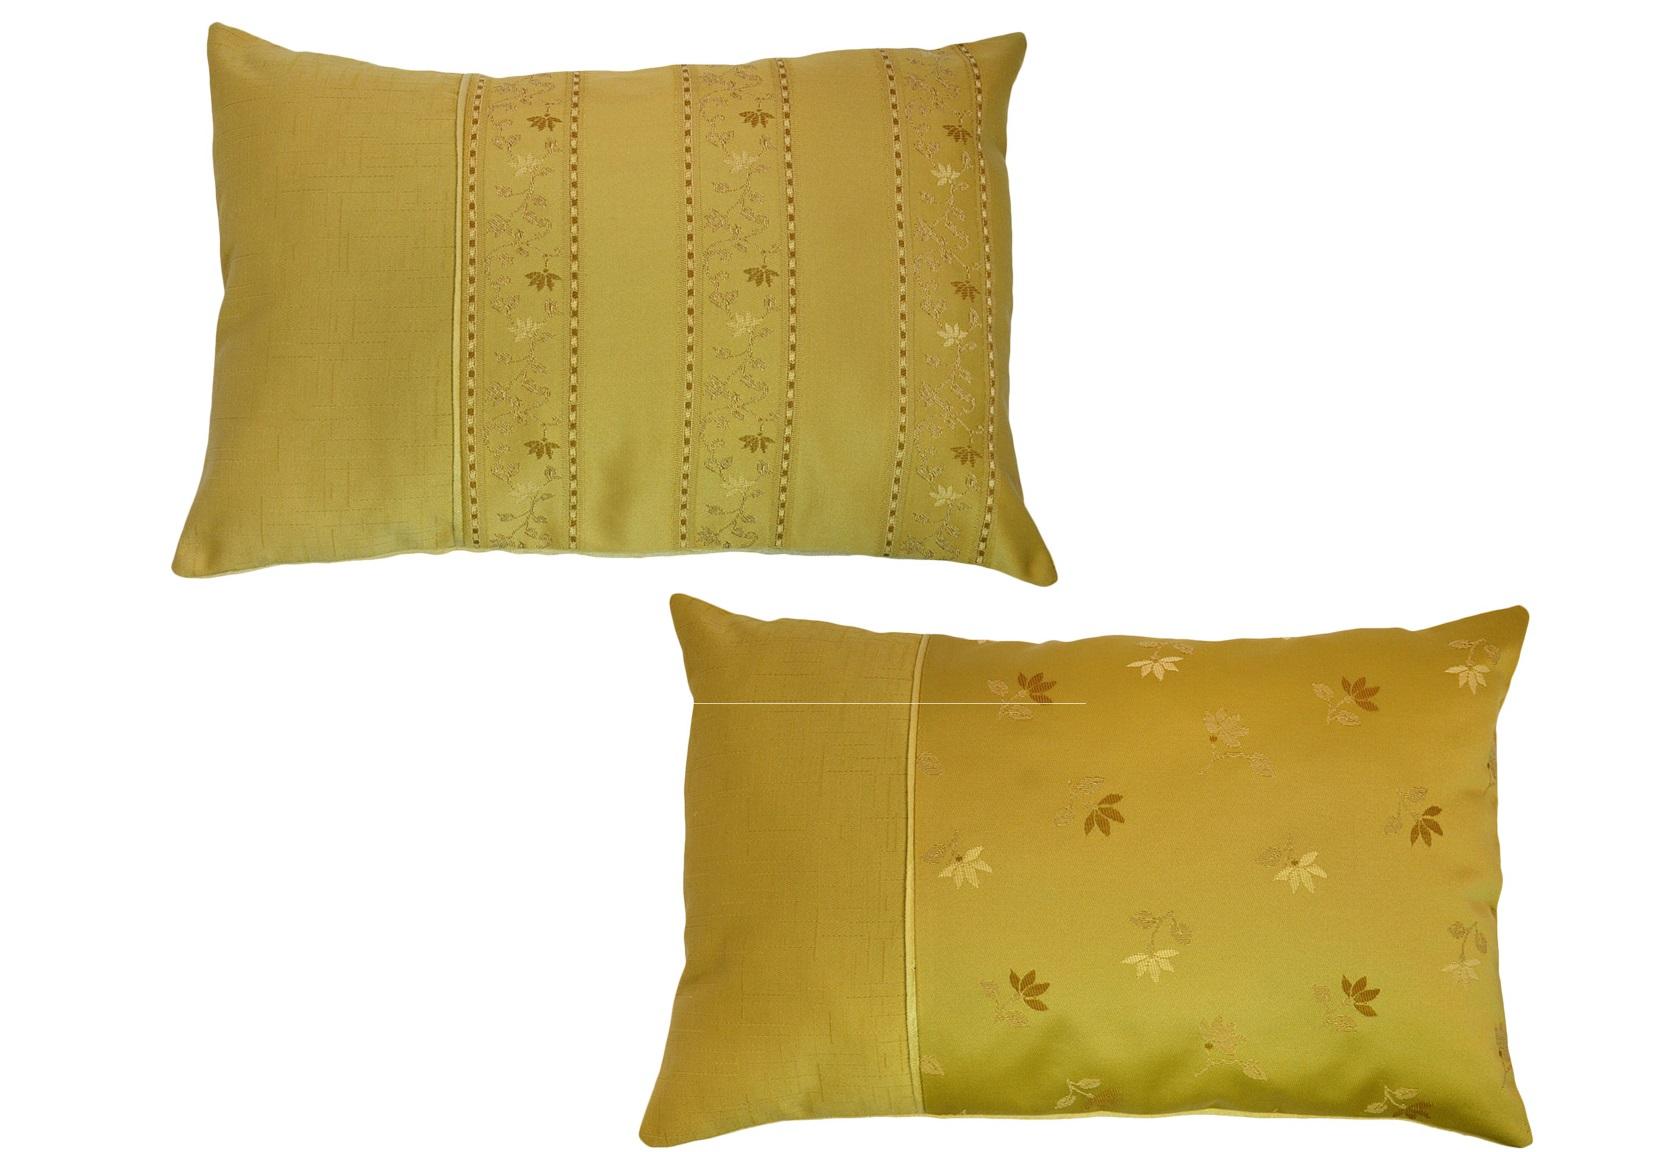 Комплект подушек Cornelia CaramelПрямоугольные подушки и наволочки<br>Комплект декоративных  подушек. Чехол съемный.<br><br>Material: Вискоза<br>Length см: None<br>Width см: 55<br>Depth см: 15<br>Height см: 32